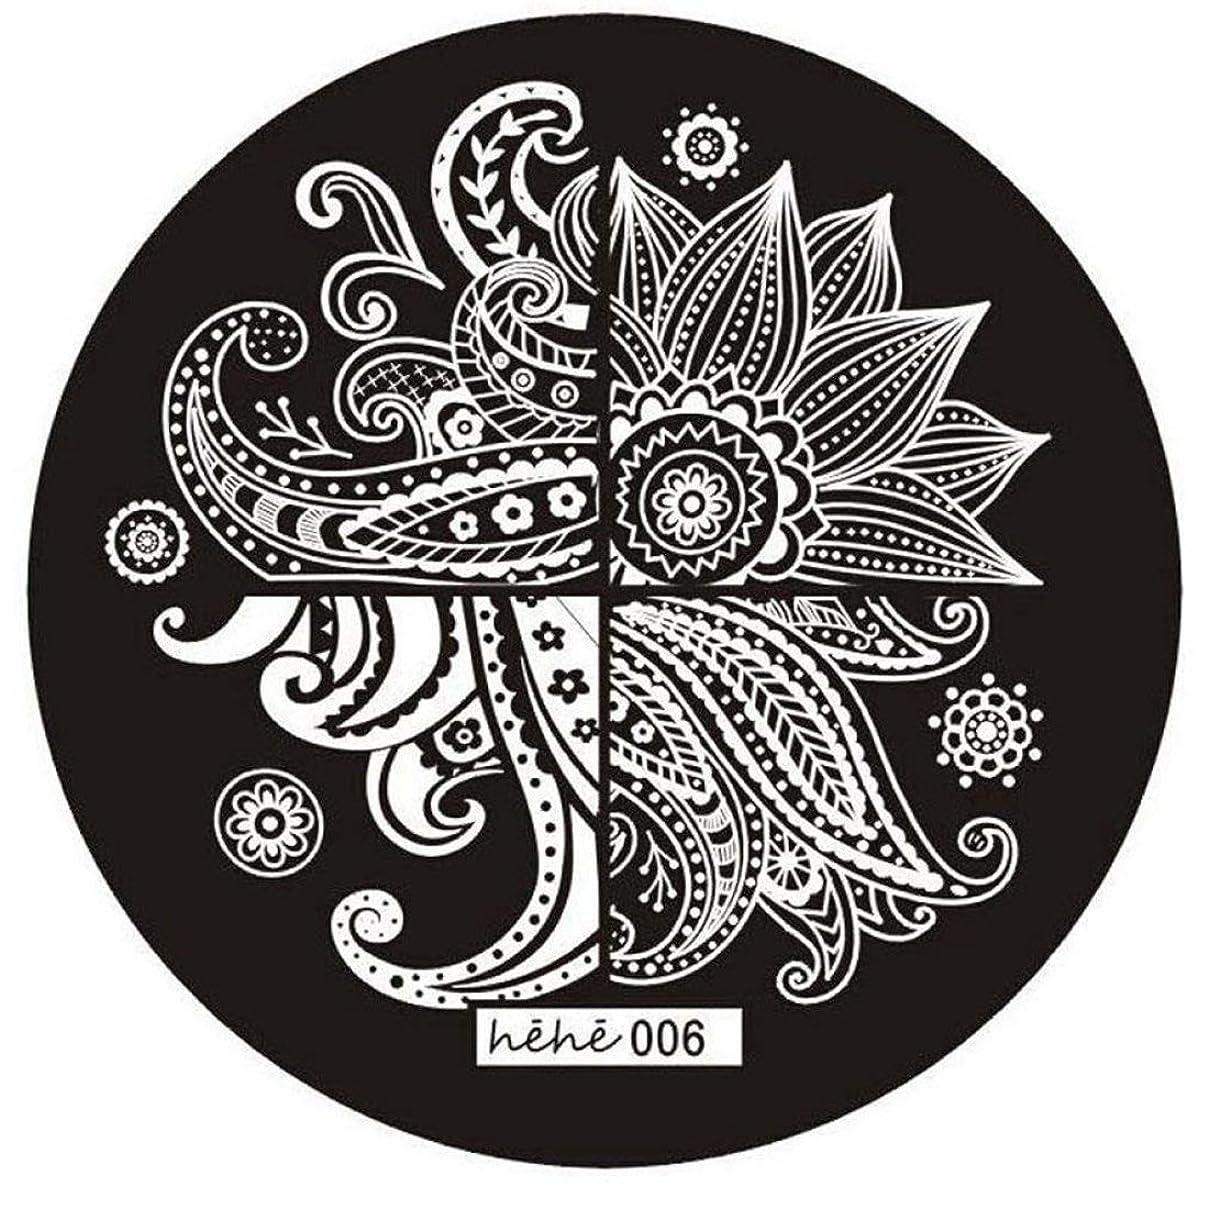 ケーキファシズムシャイACAMPTAR 女の子のネイルアートパターンのイメージスタンプ プレートテンプレートマニキュア006